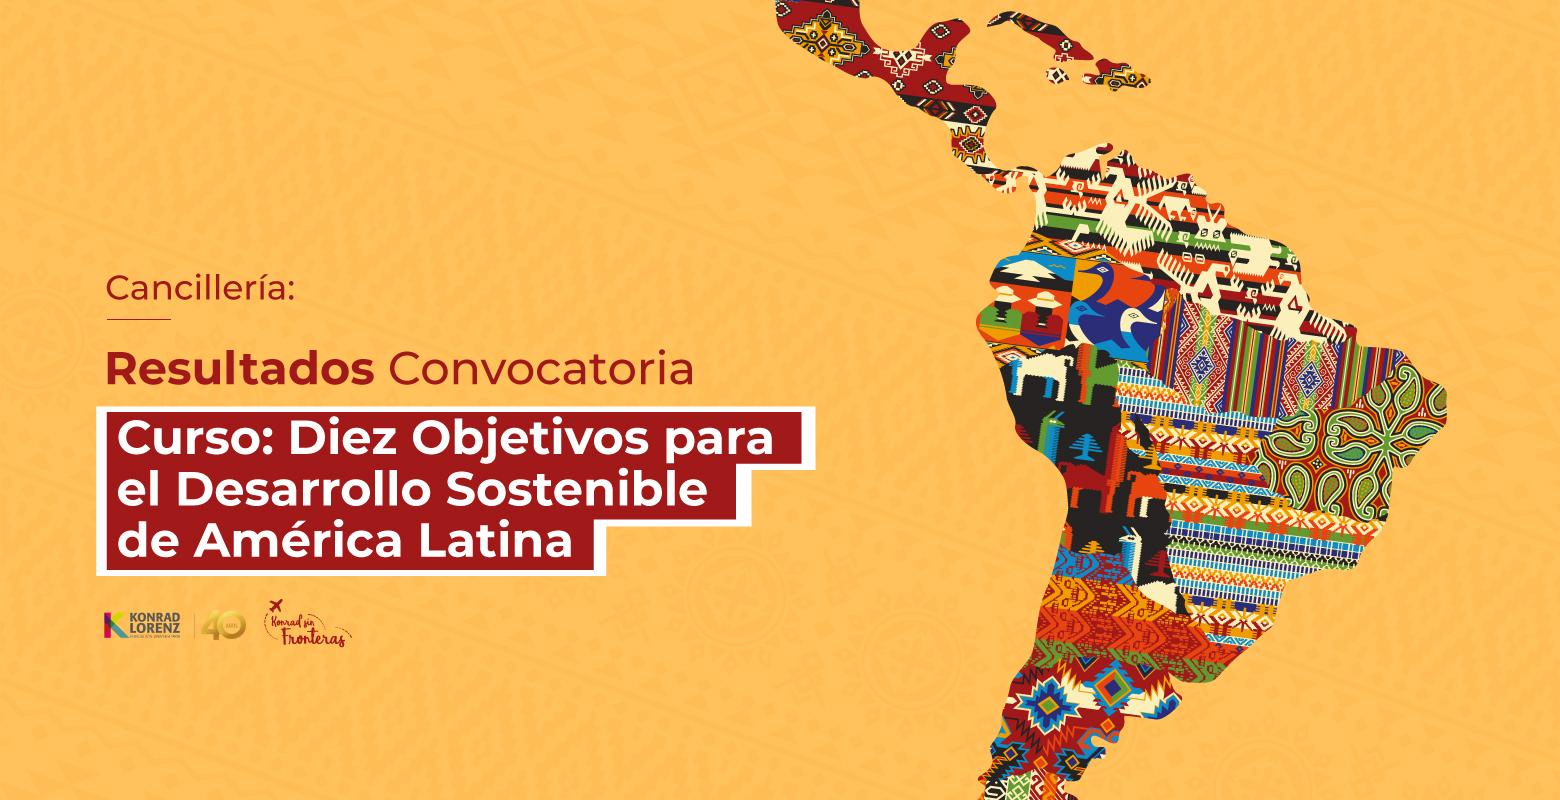 """Cancillería: Resultados de la Convocatoria del Curso """"Diez Objetivos para el Desarrollo Sostenible de América Latina"""""""